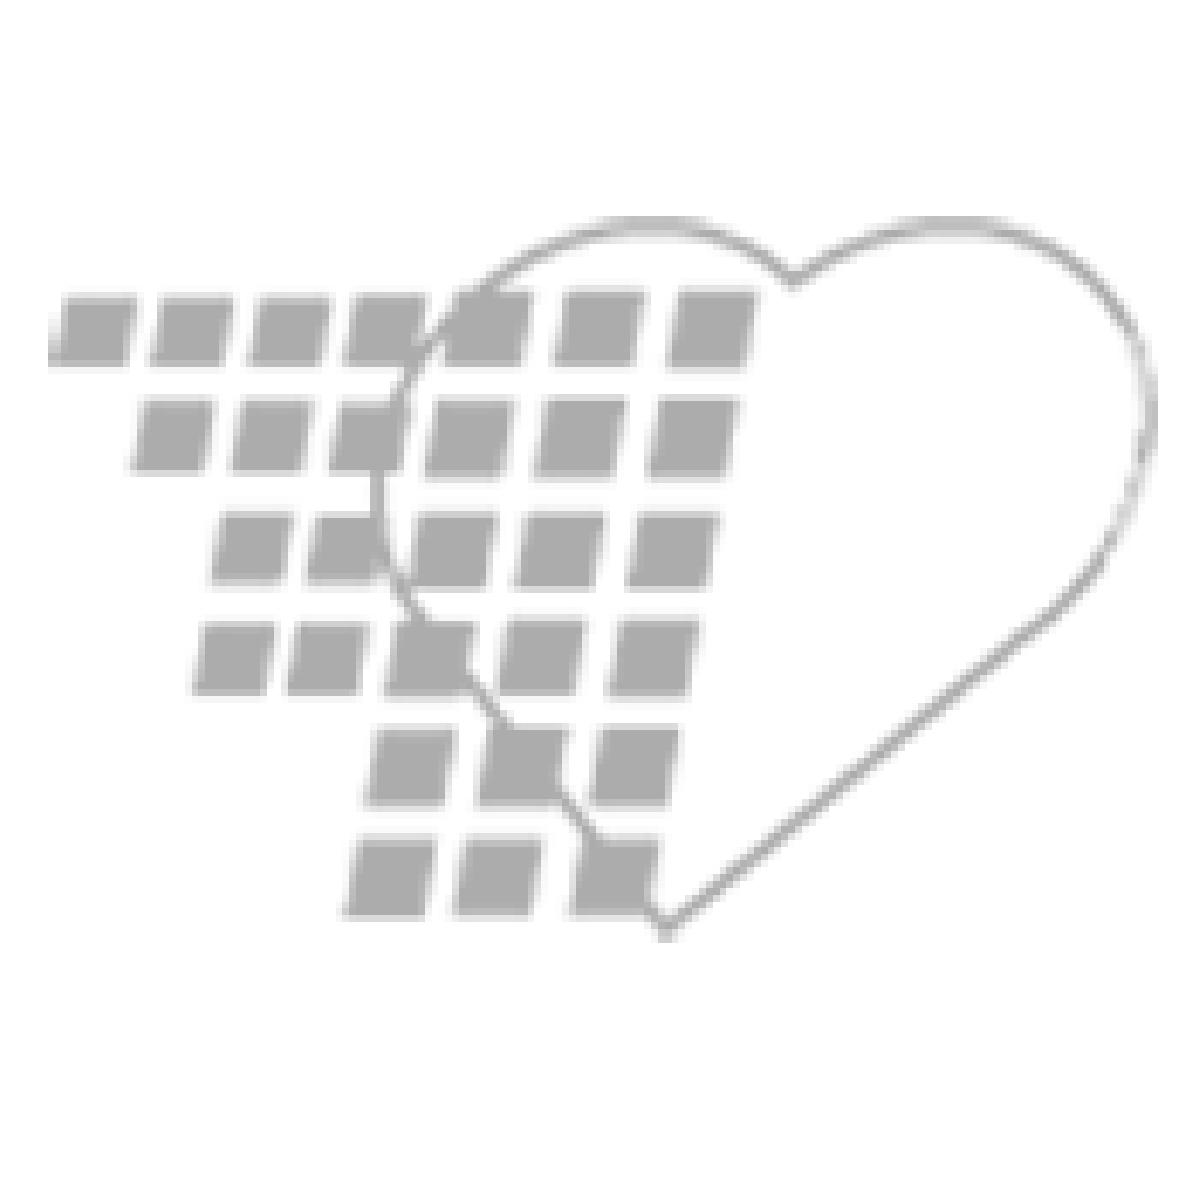 05-87-6110 Foley Catheter 100% Silicone